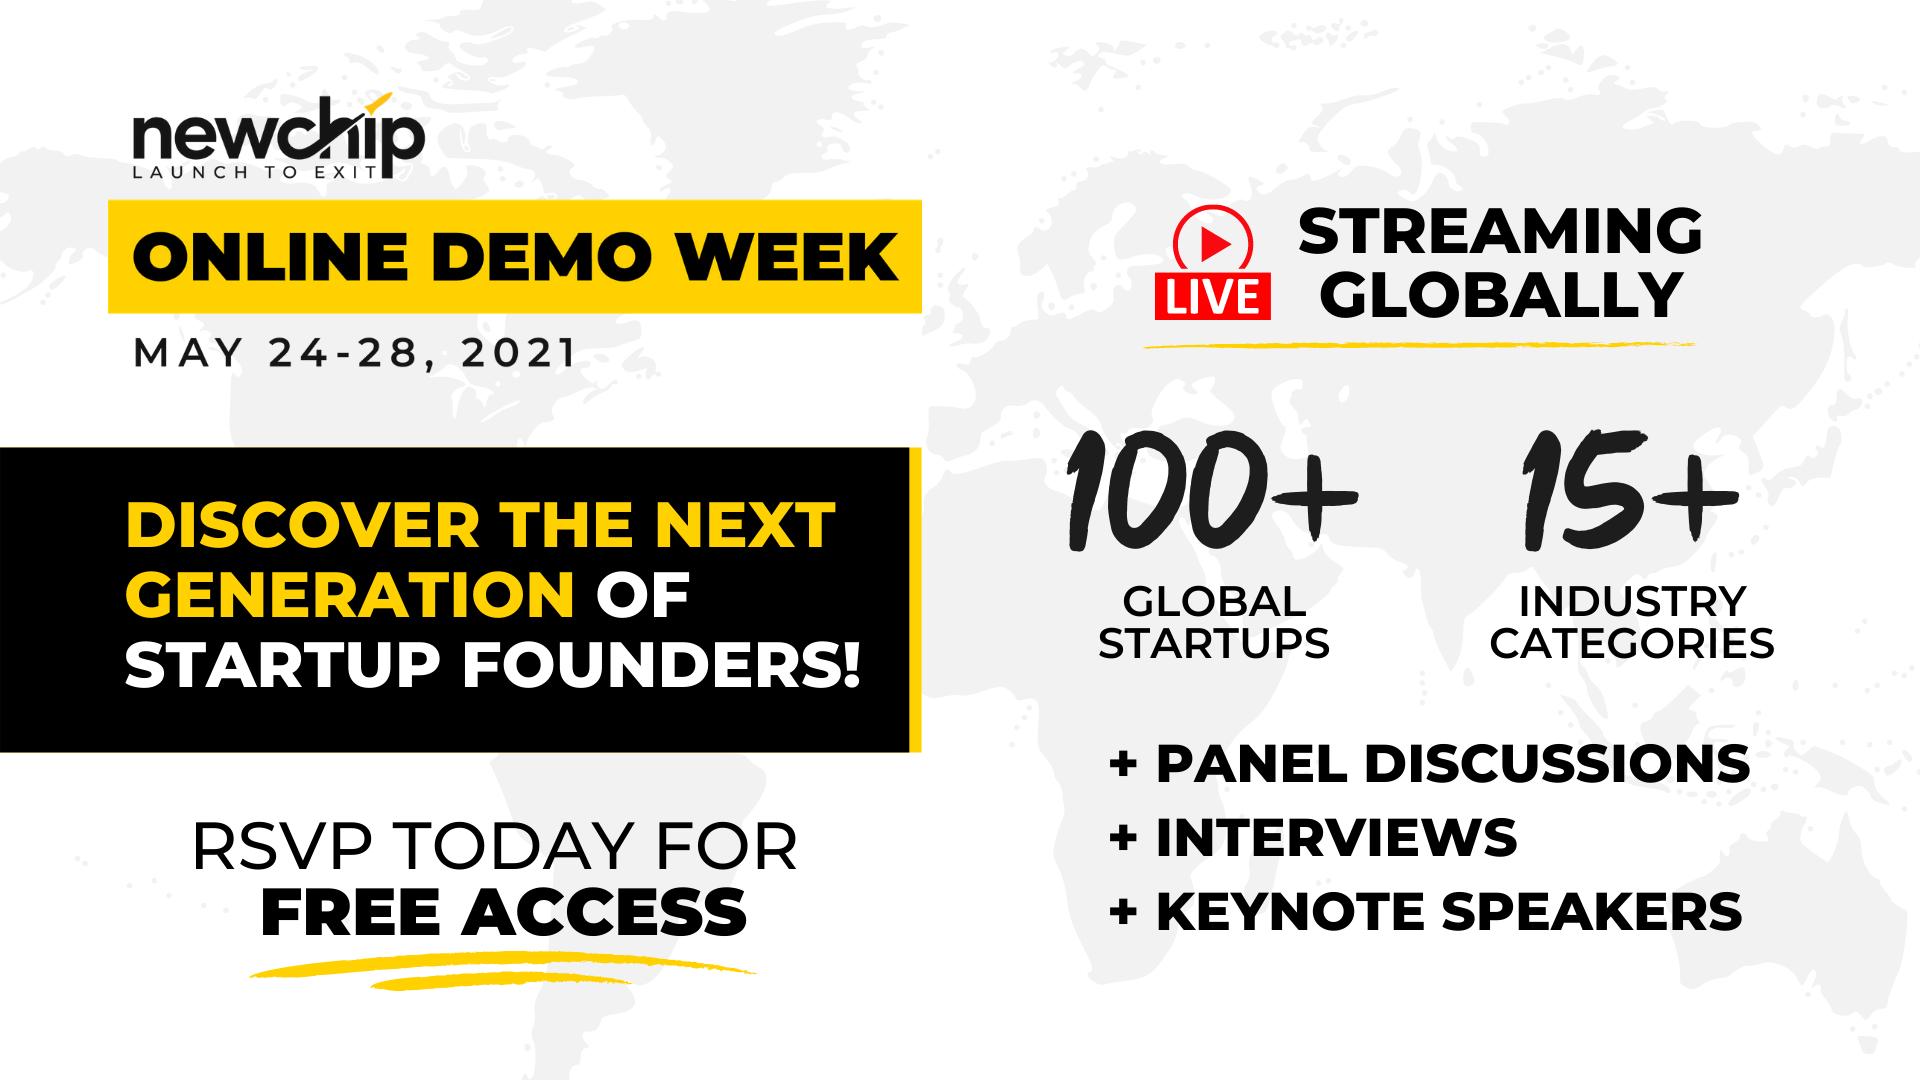 21strategies is part of Newchip's Demo Week